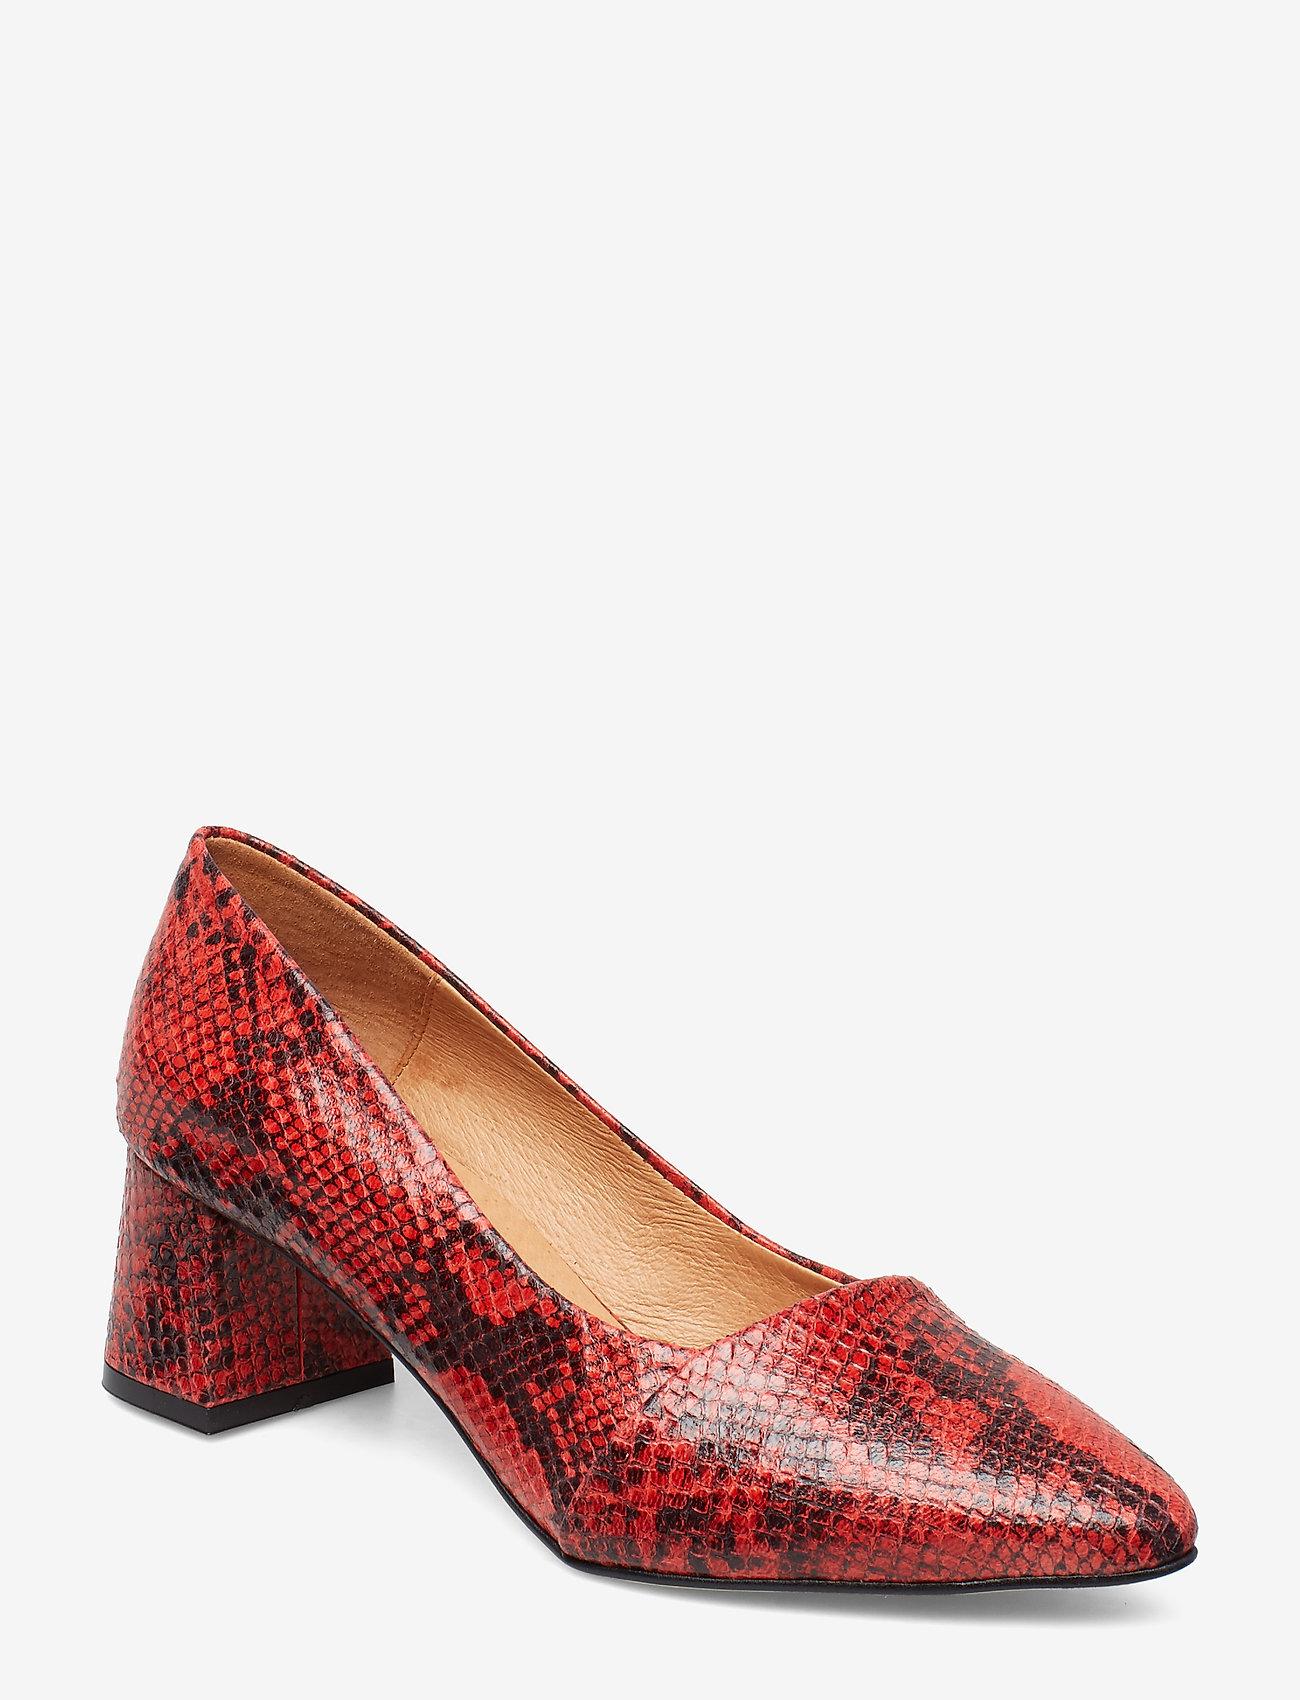 Shoe The Bear - ALLISON SNAKE - klassiset piikkikorkokengät - red